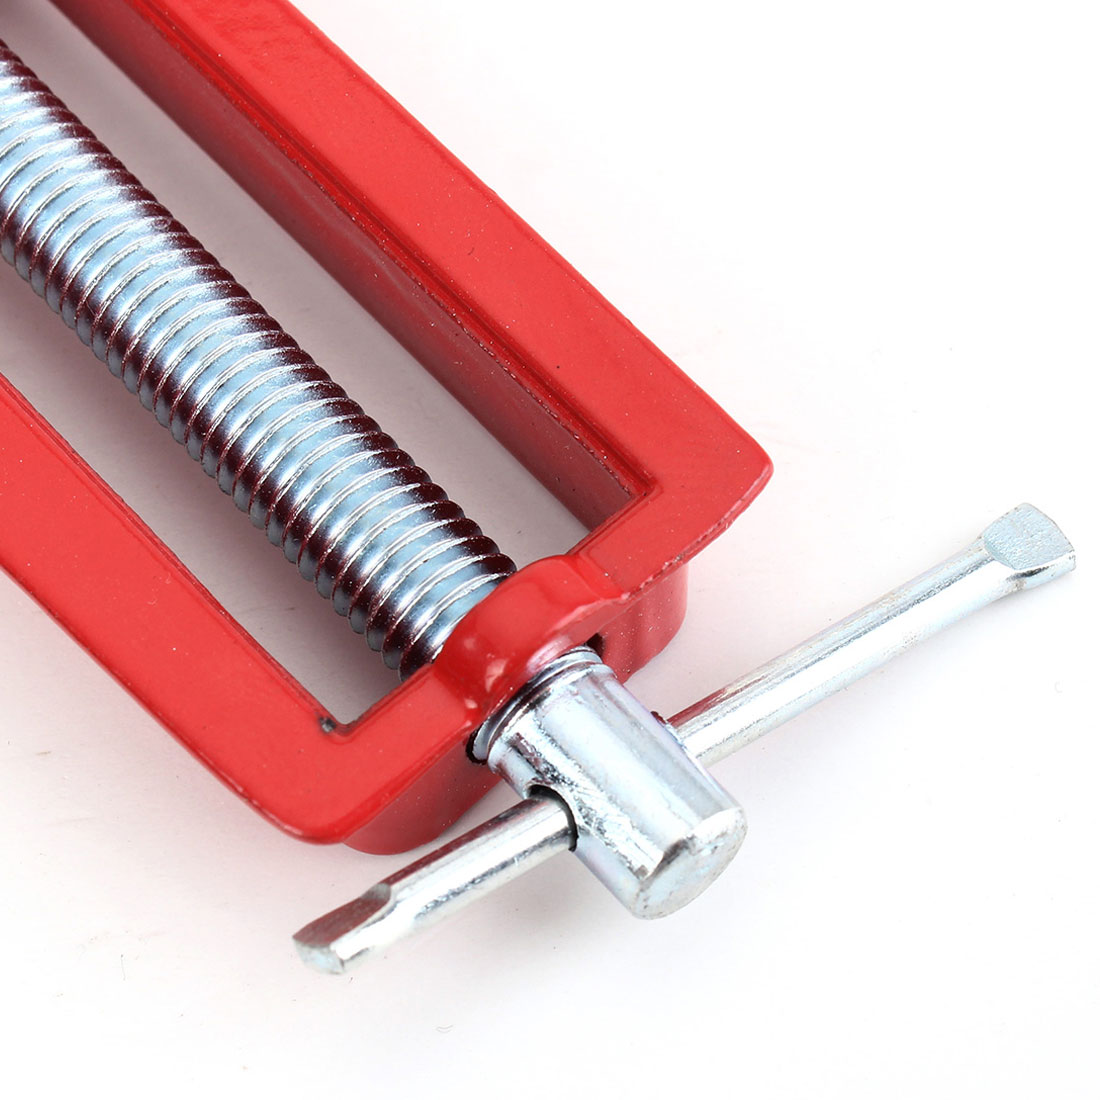 Červený 90 stupňů pravý úhel svěrka 100 mm pokosový / rohový - Sady nástrojů - Fotografie 4